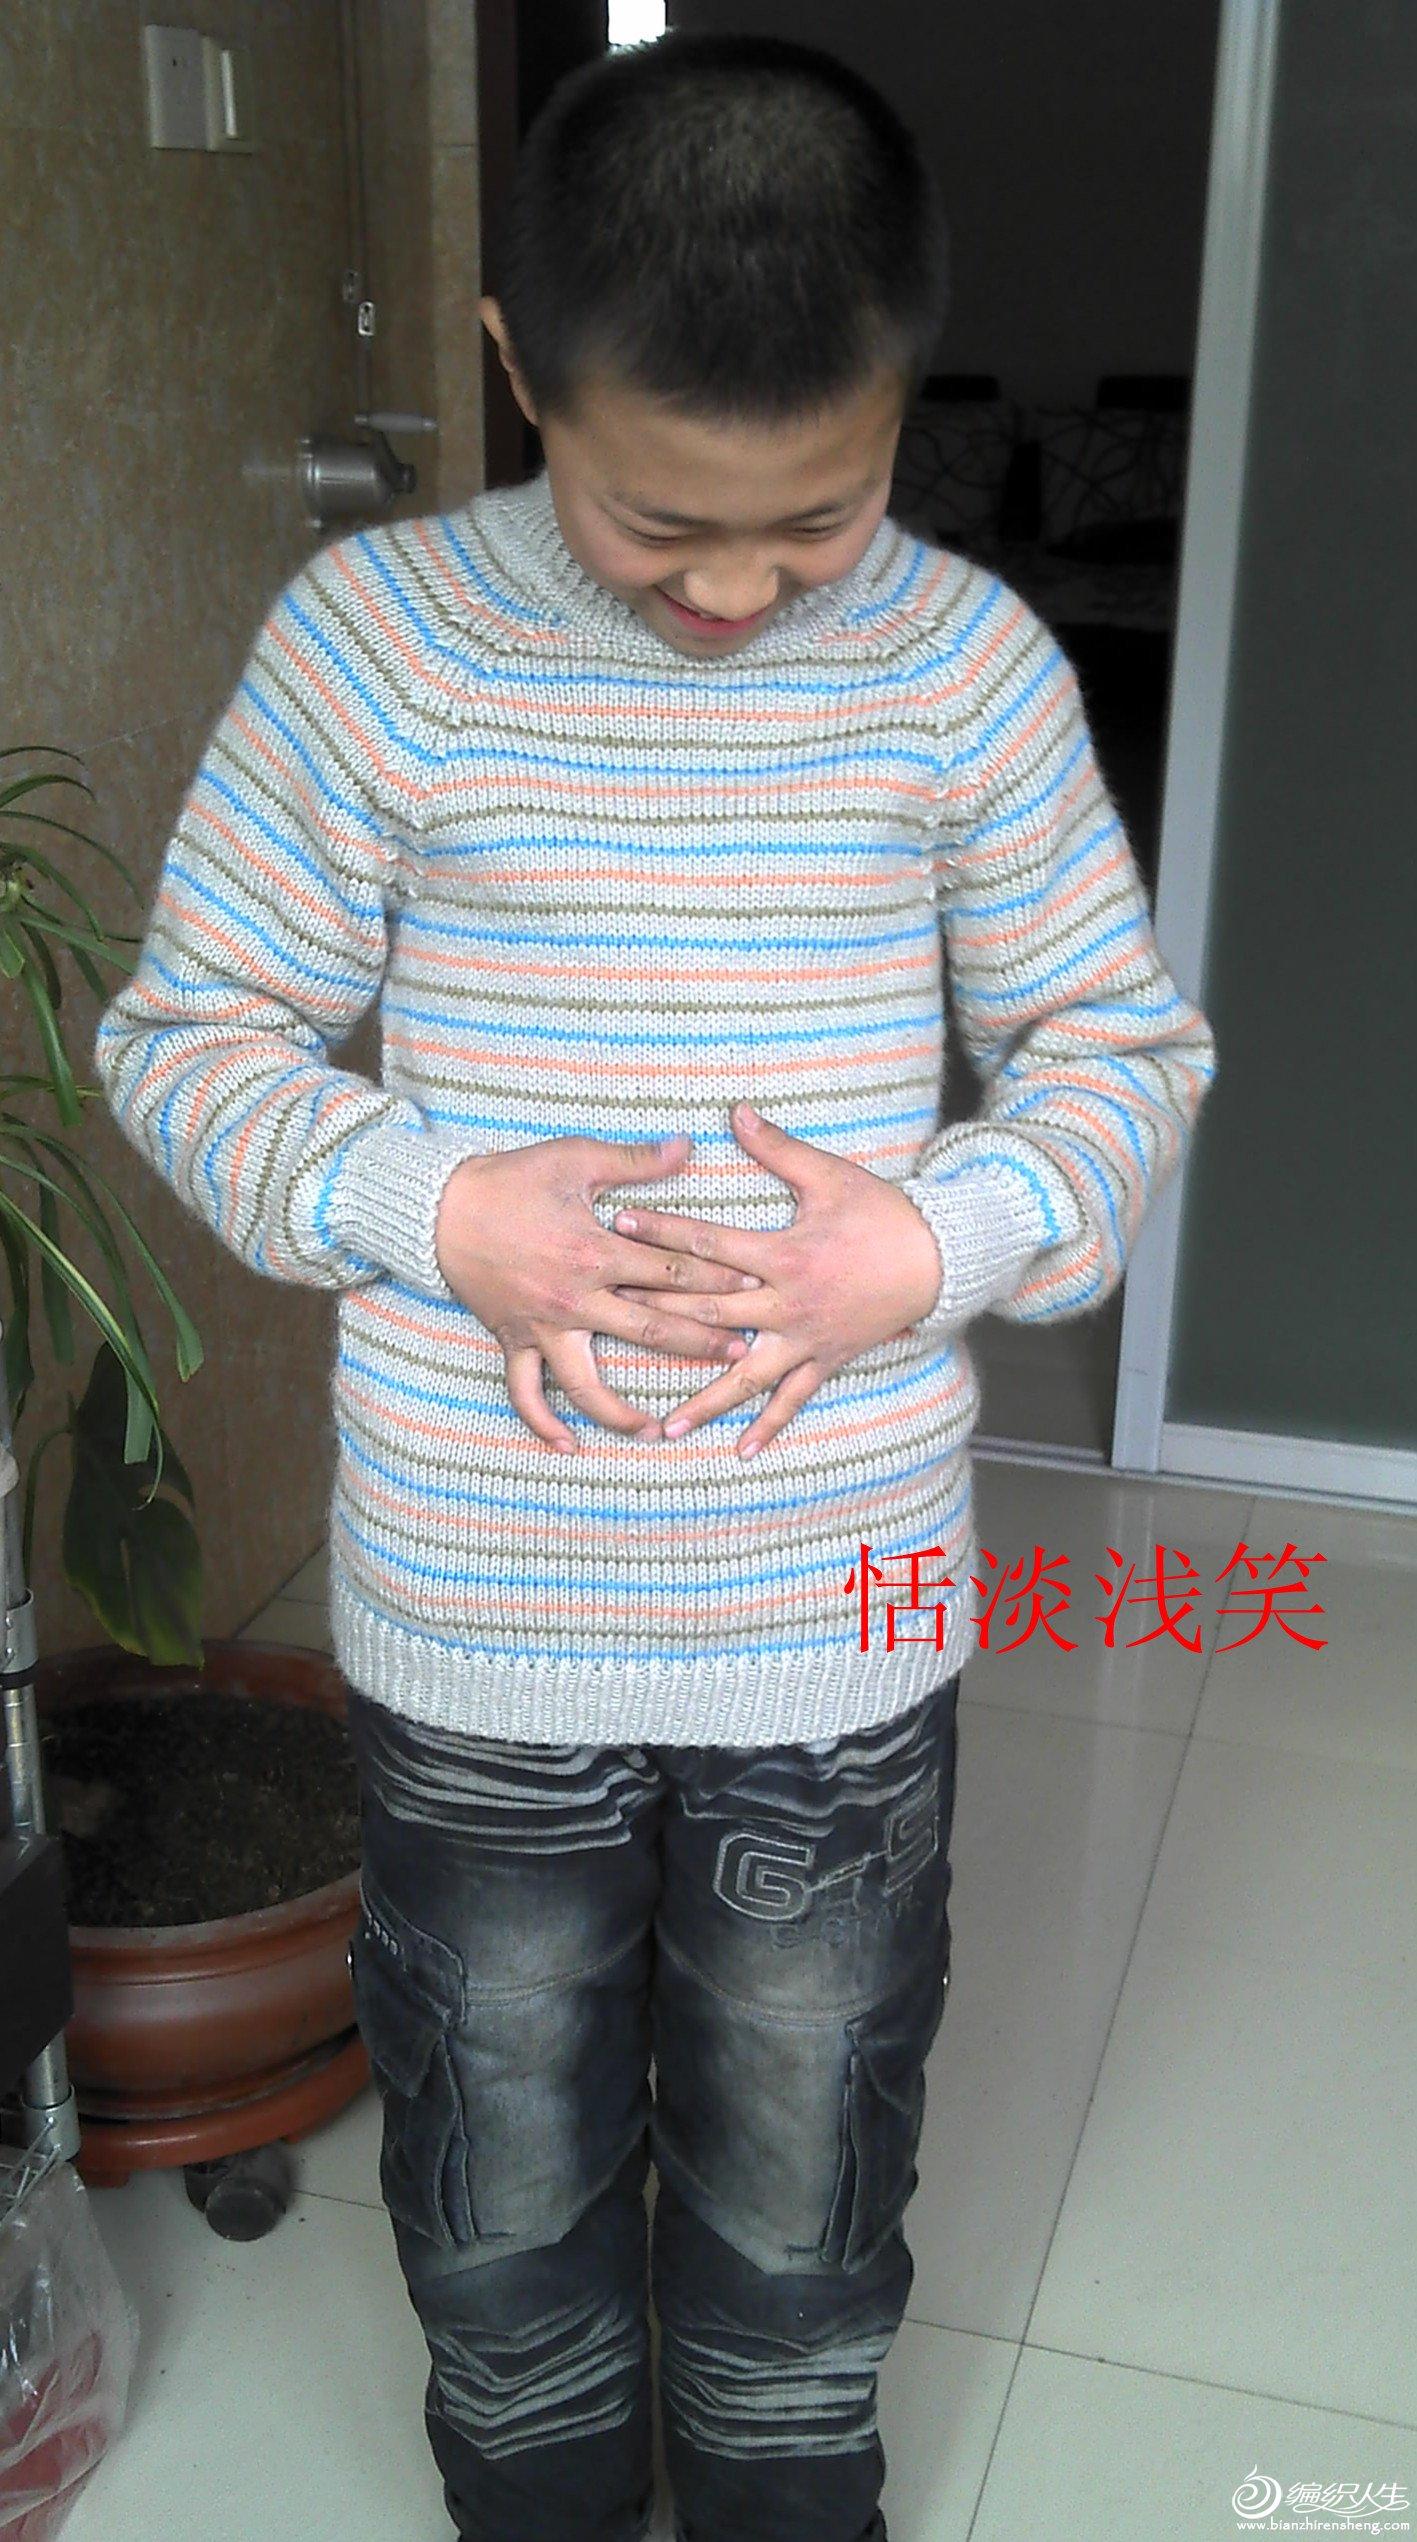 apic_20120327_124500_907_副本.jpg